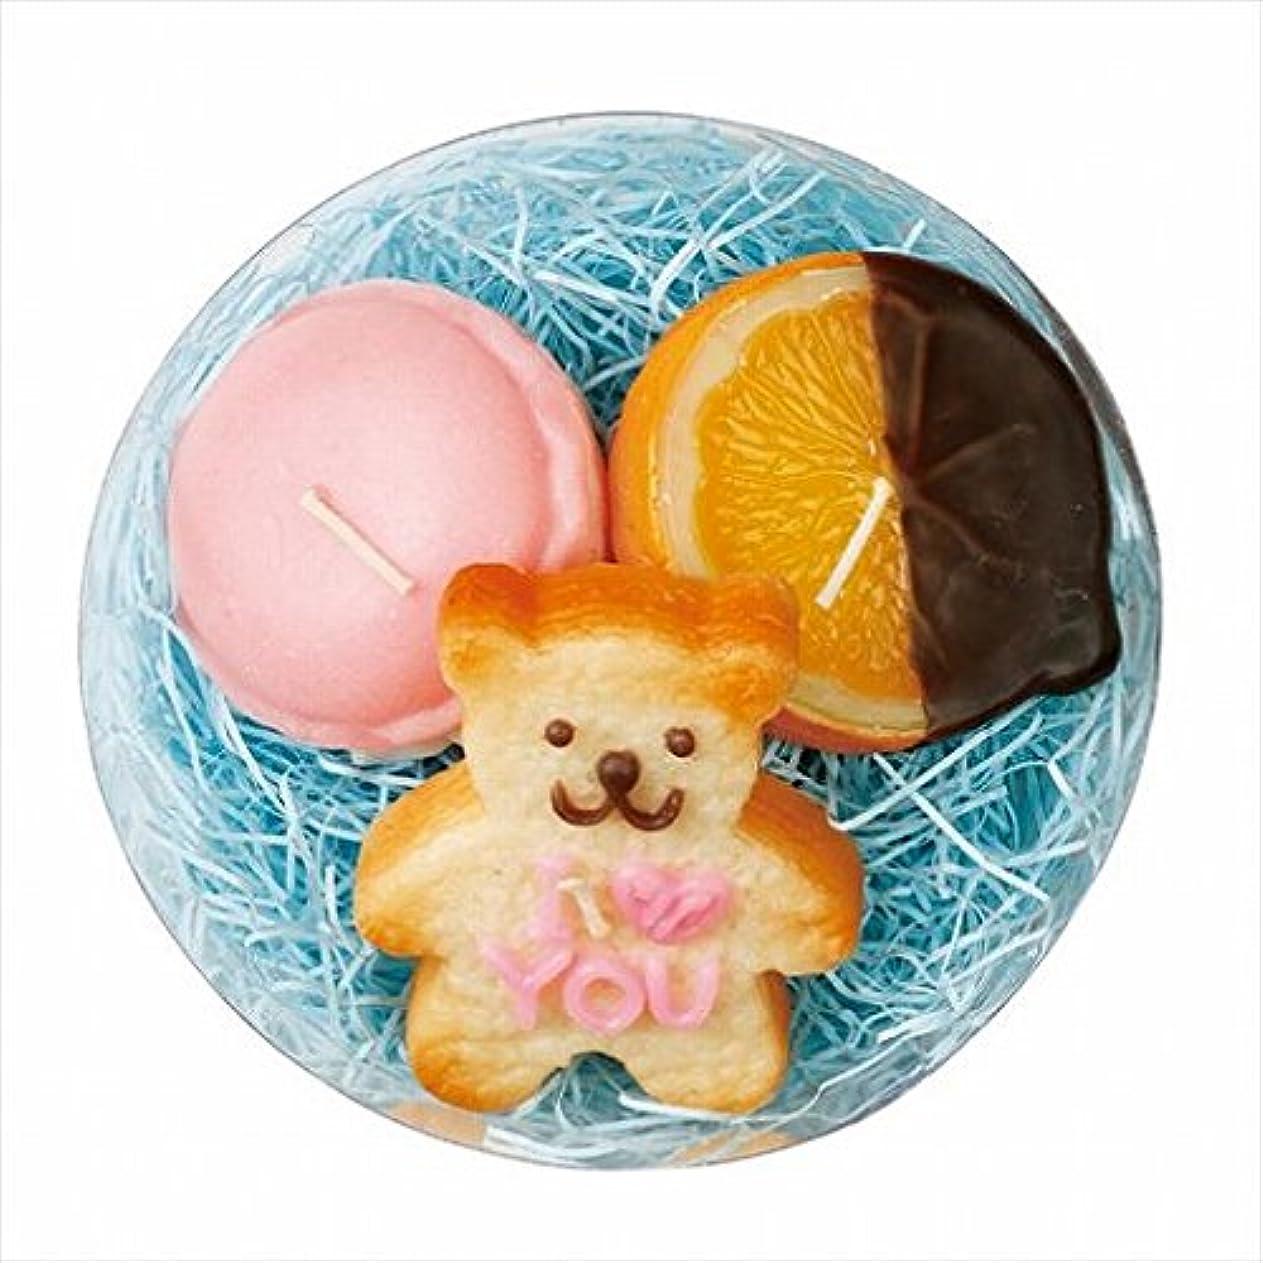 期待して普通に失われたスイーツキャンドル(sweets candle) プチスイーツキャンドルセット 「 バニラベア 」